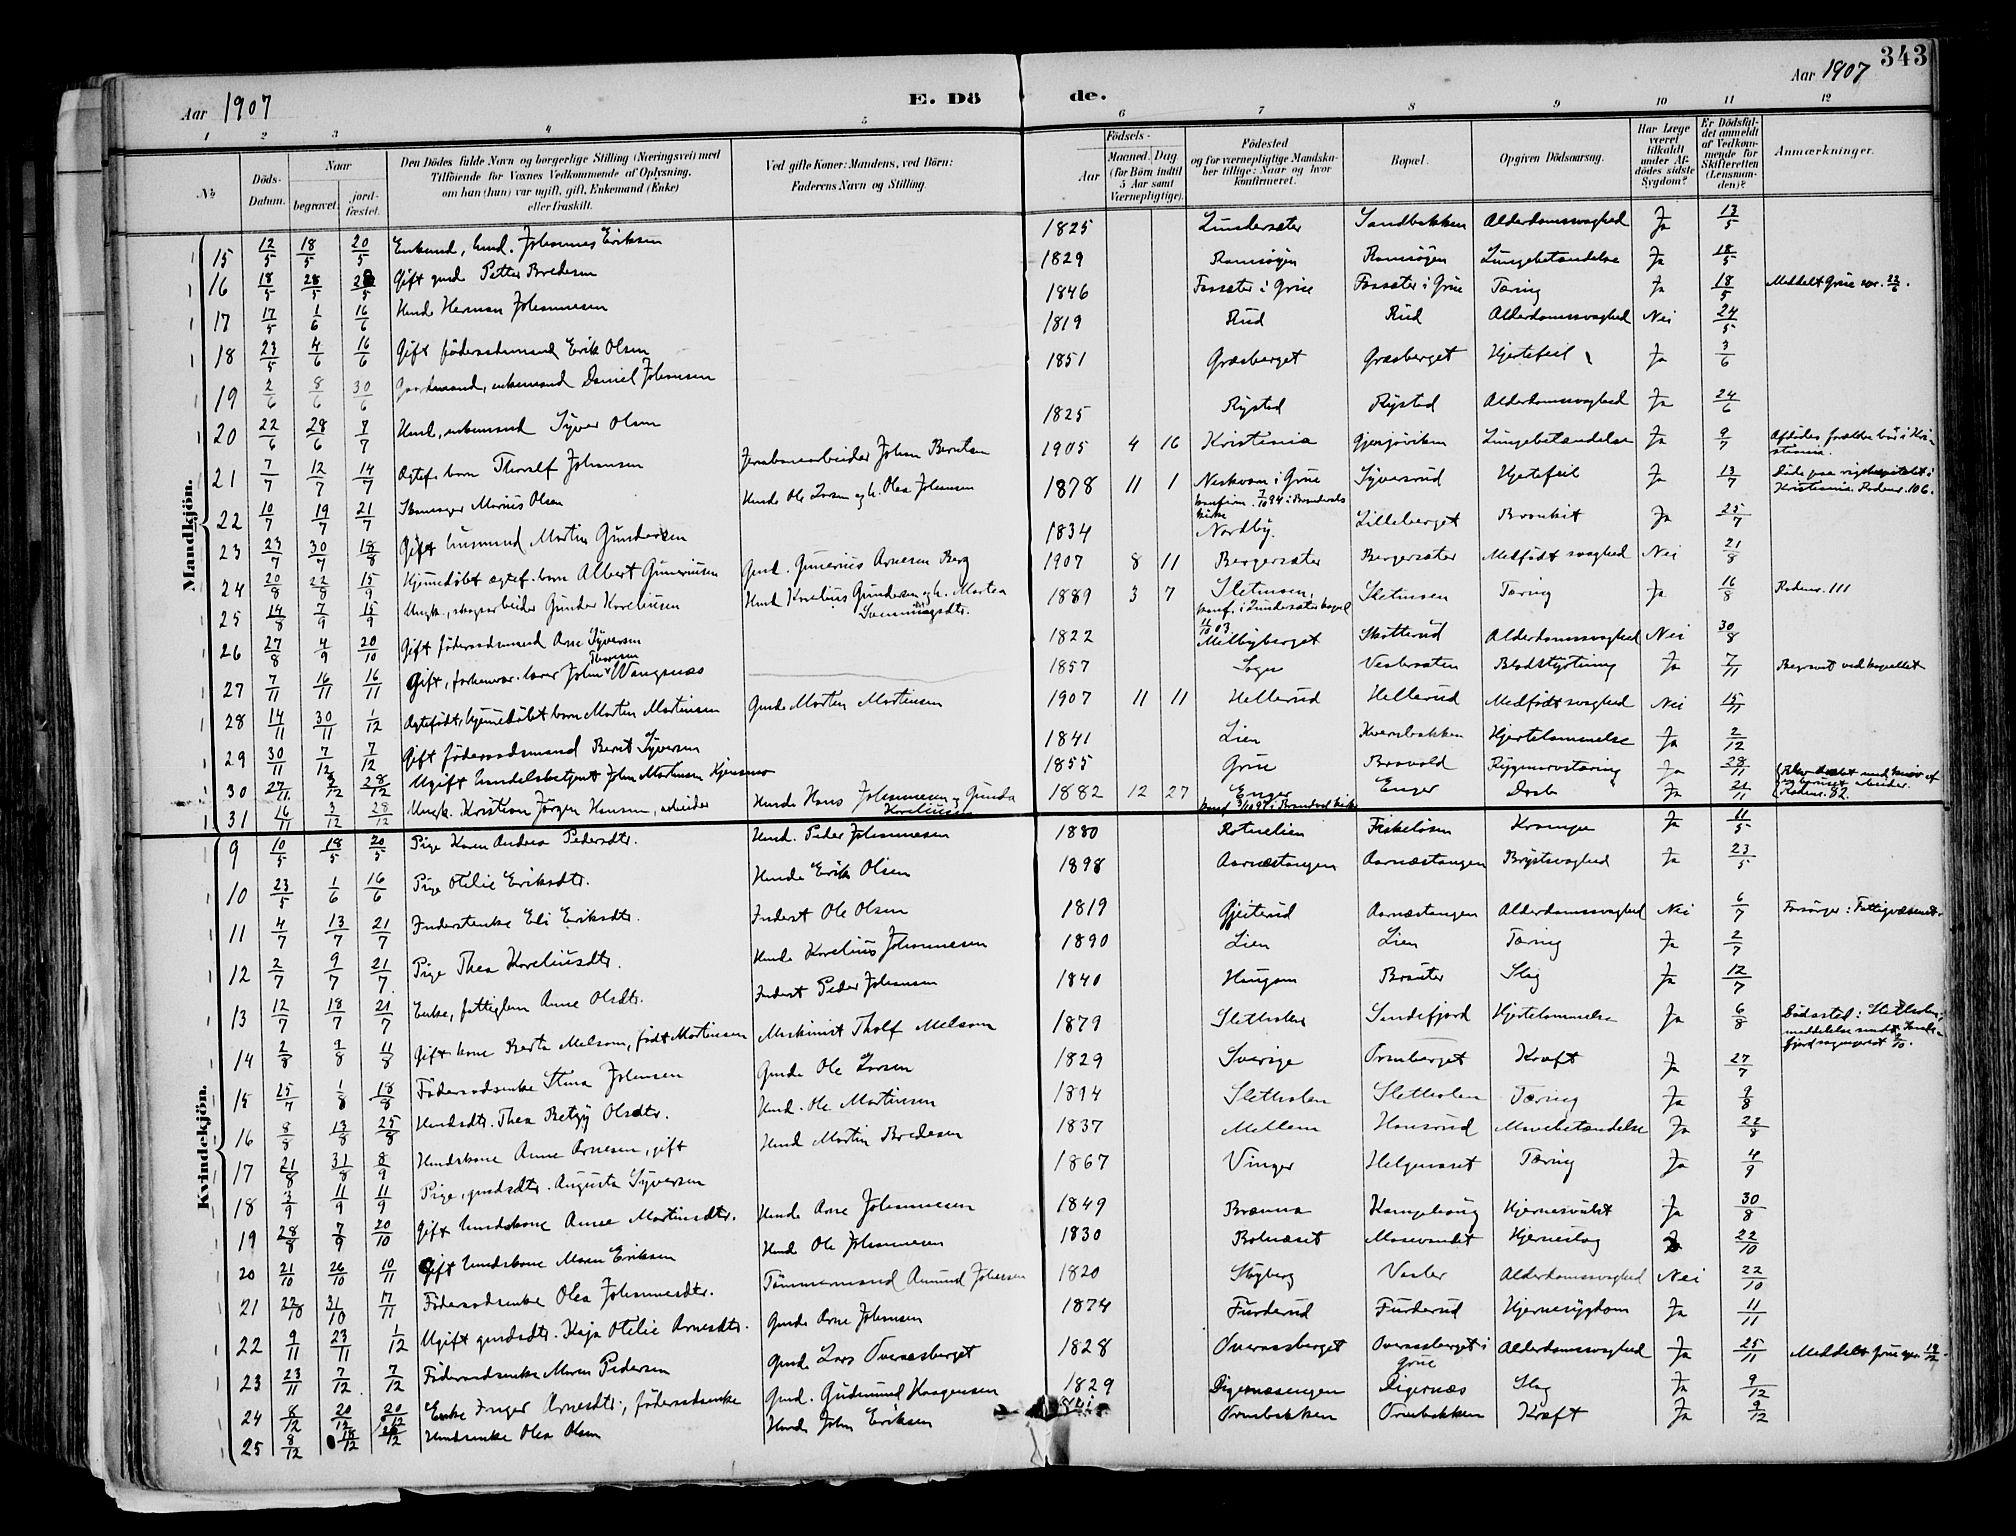 SAH, Brandval prestekontor, H/Ha/Haa/L0003: Ministerialbok nr. 3, 1894-1909, s. 343